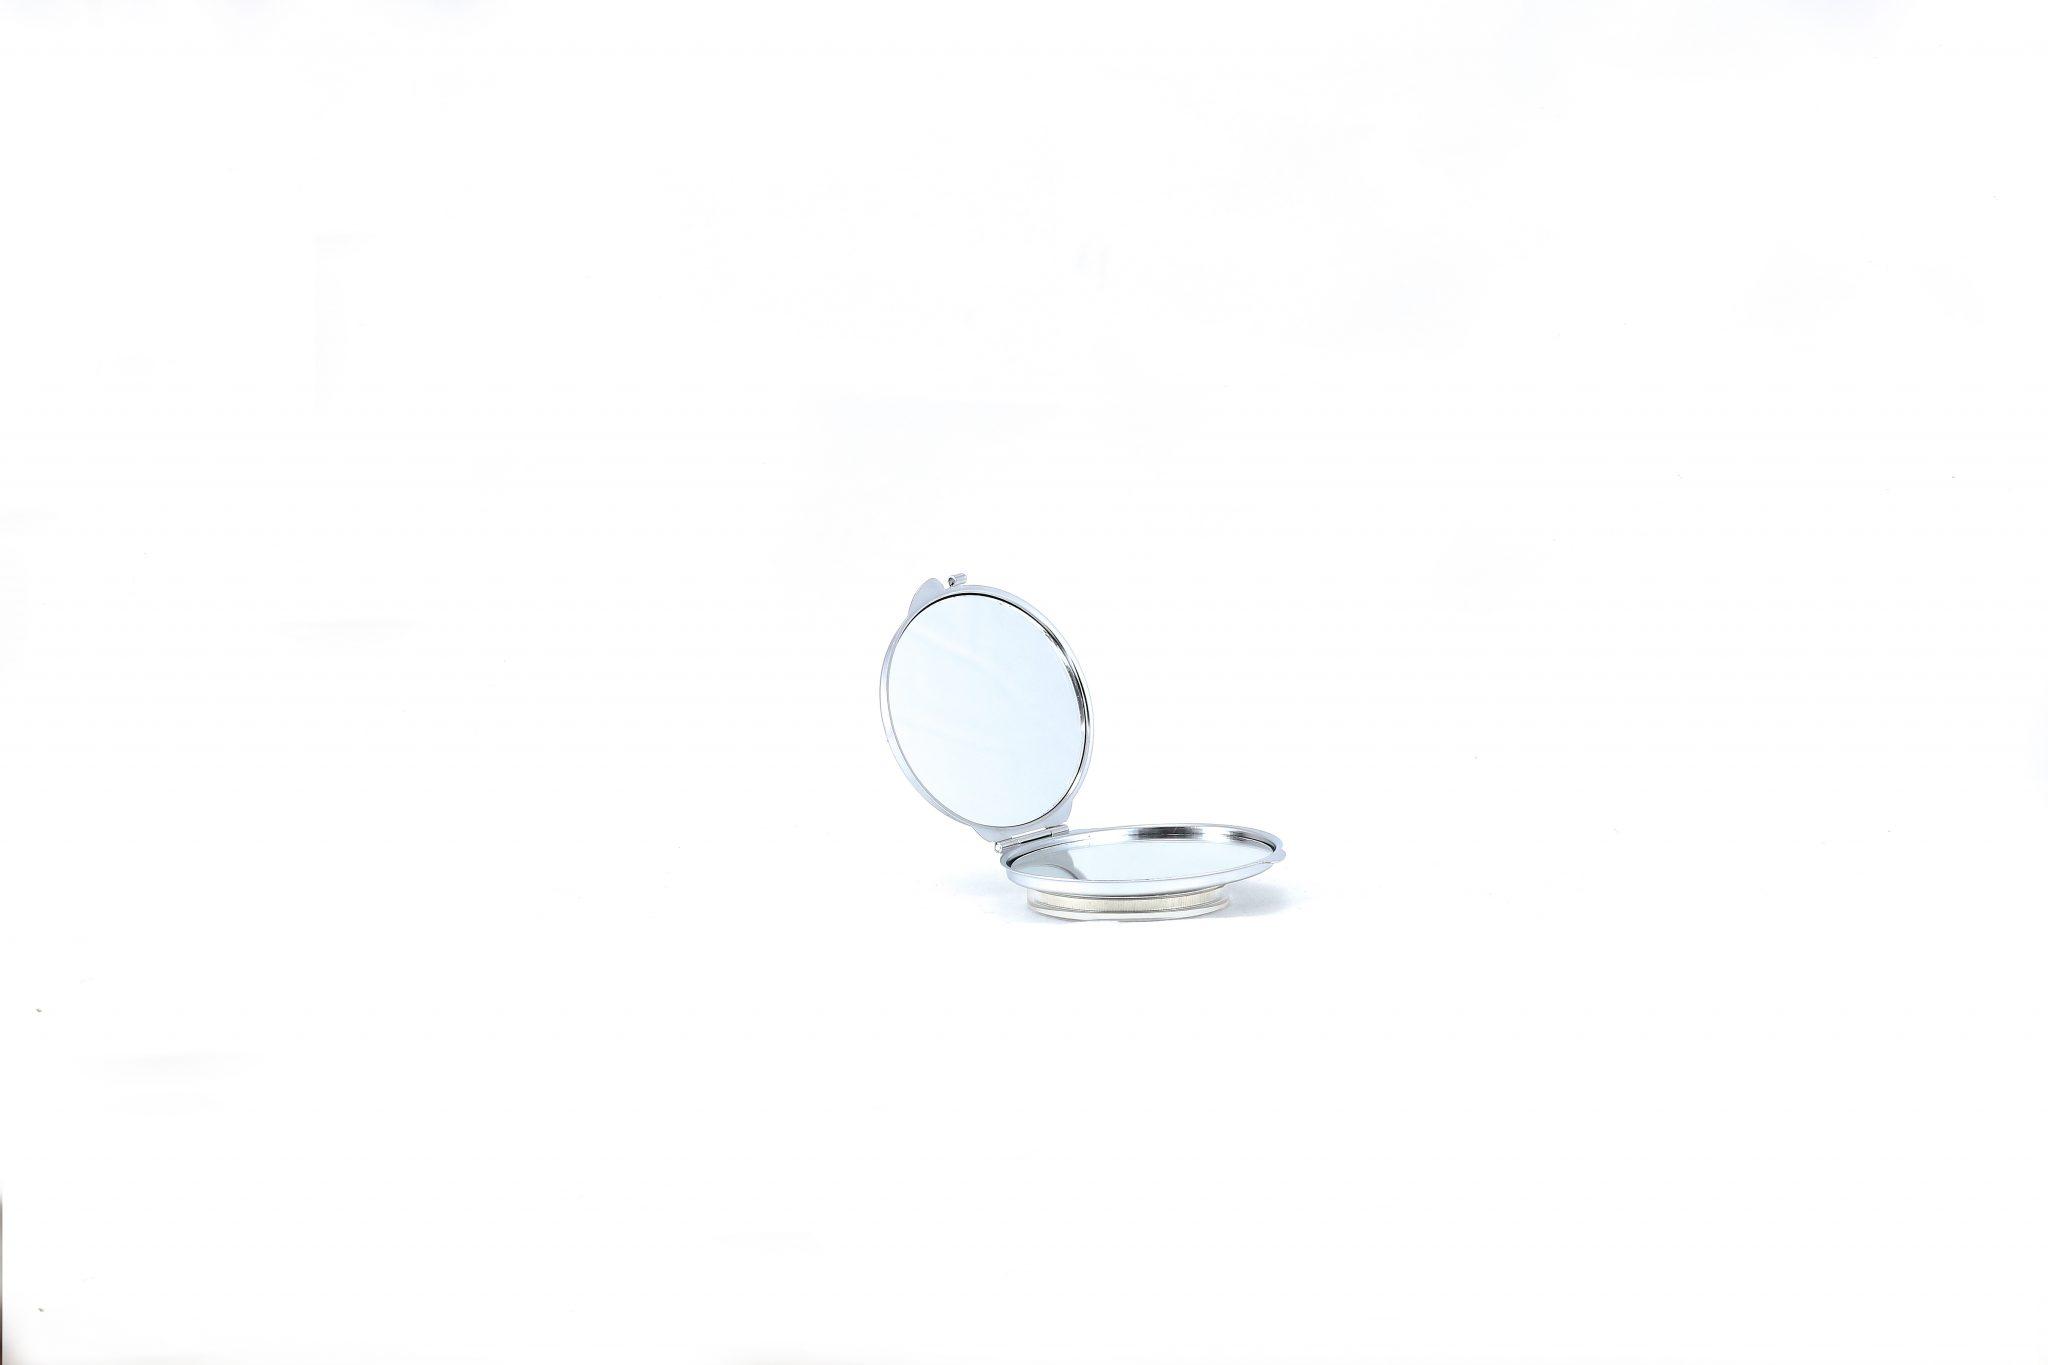 Sublimasyon Ayna-Oval 1